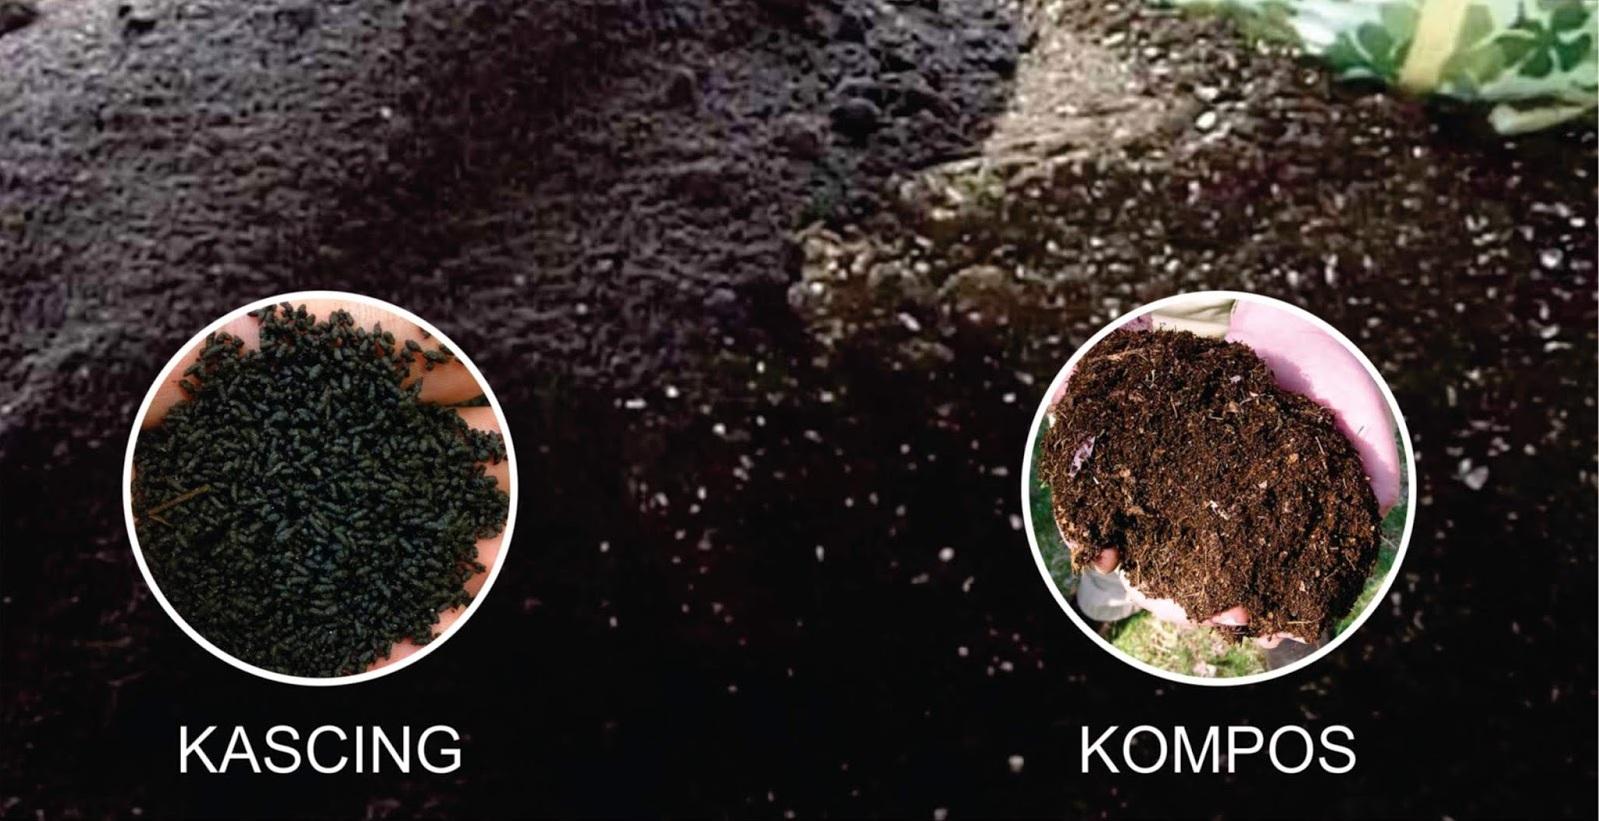 Pupuk Bekas Cacing (KasCing) Untuk Kesuburan Tanah